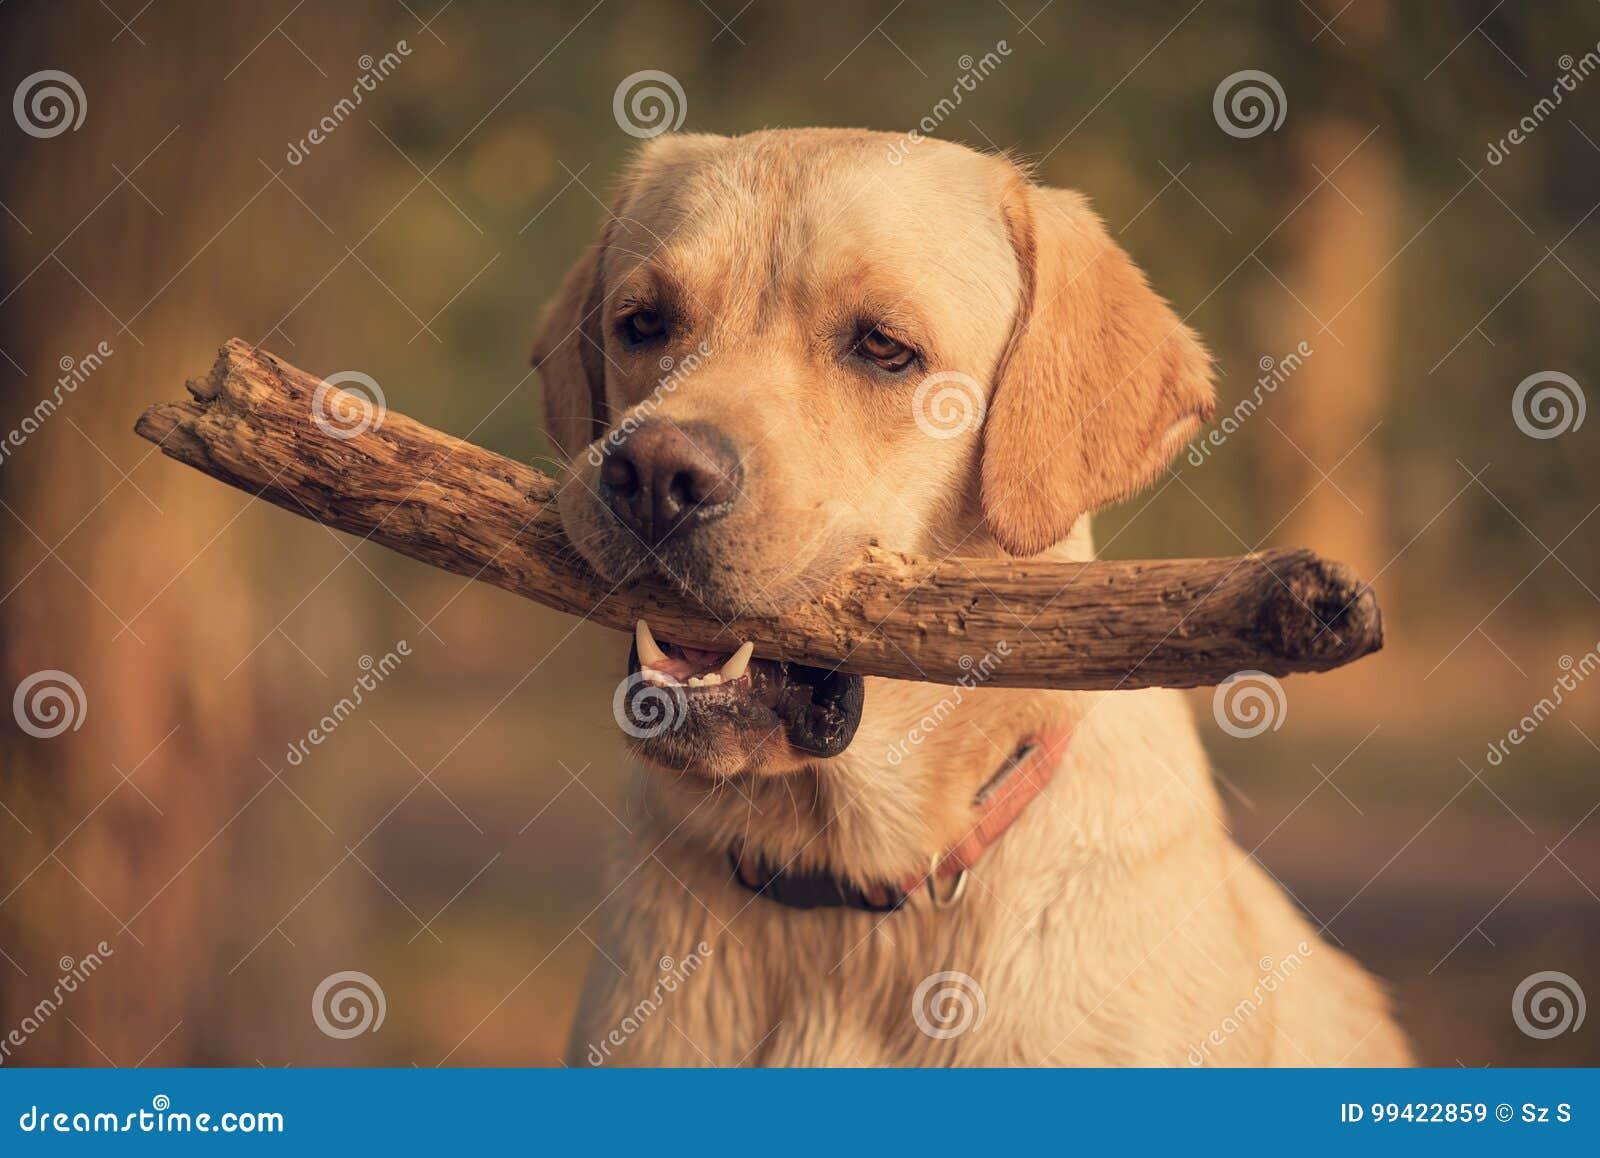 Labrador Retriever dog holding a stick in training